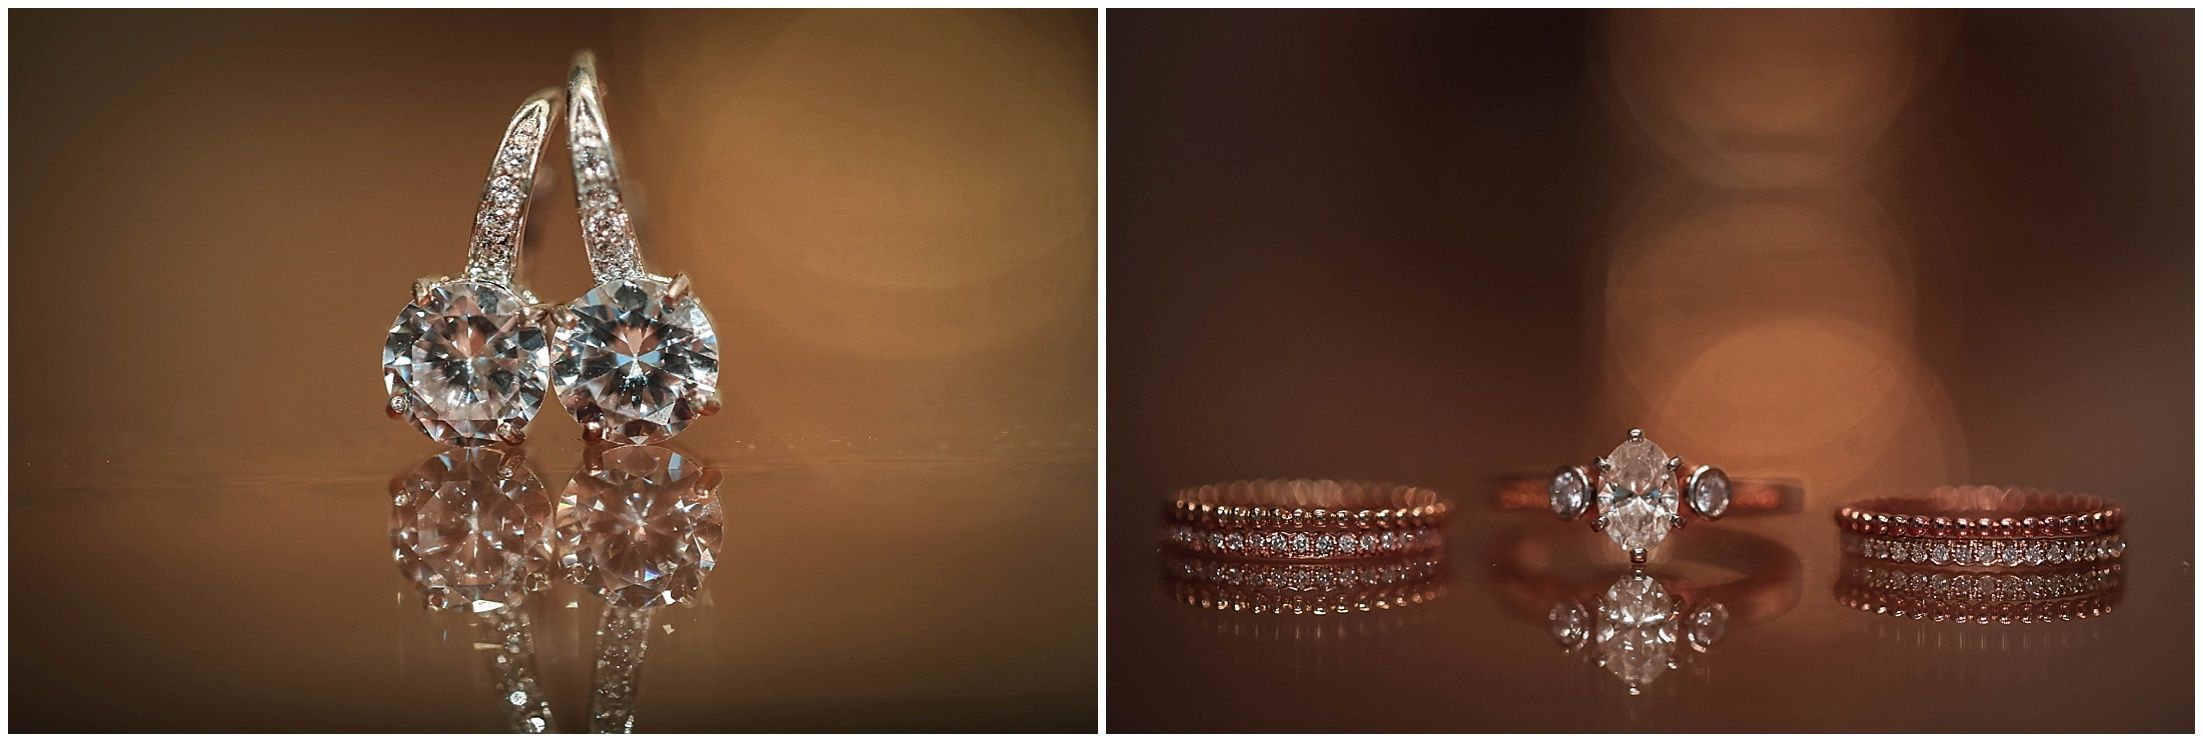 earrings, diamond earrings, detail wedding jewelry, brit nicole ...